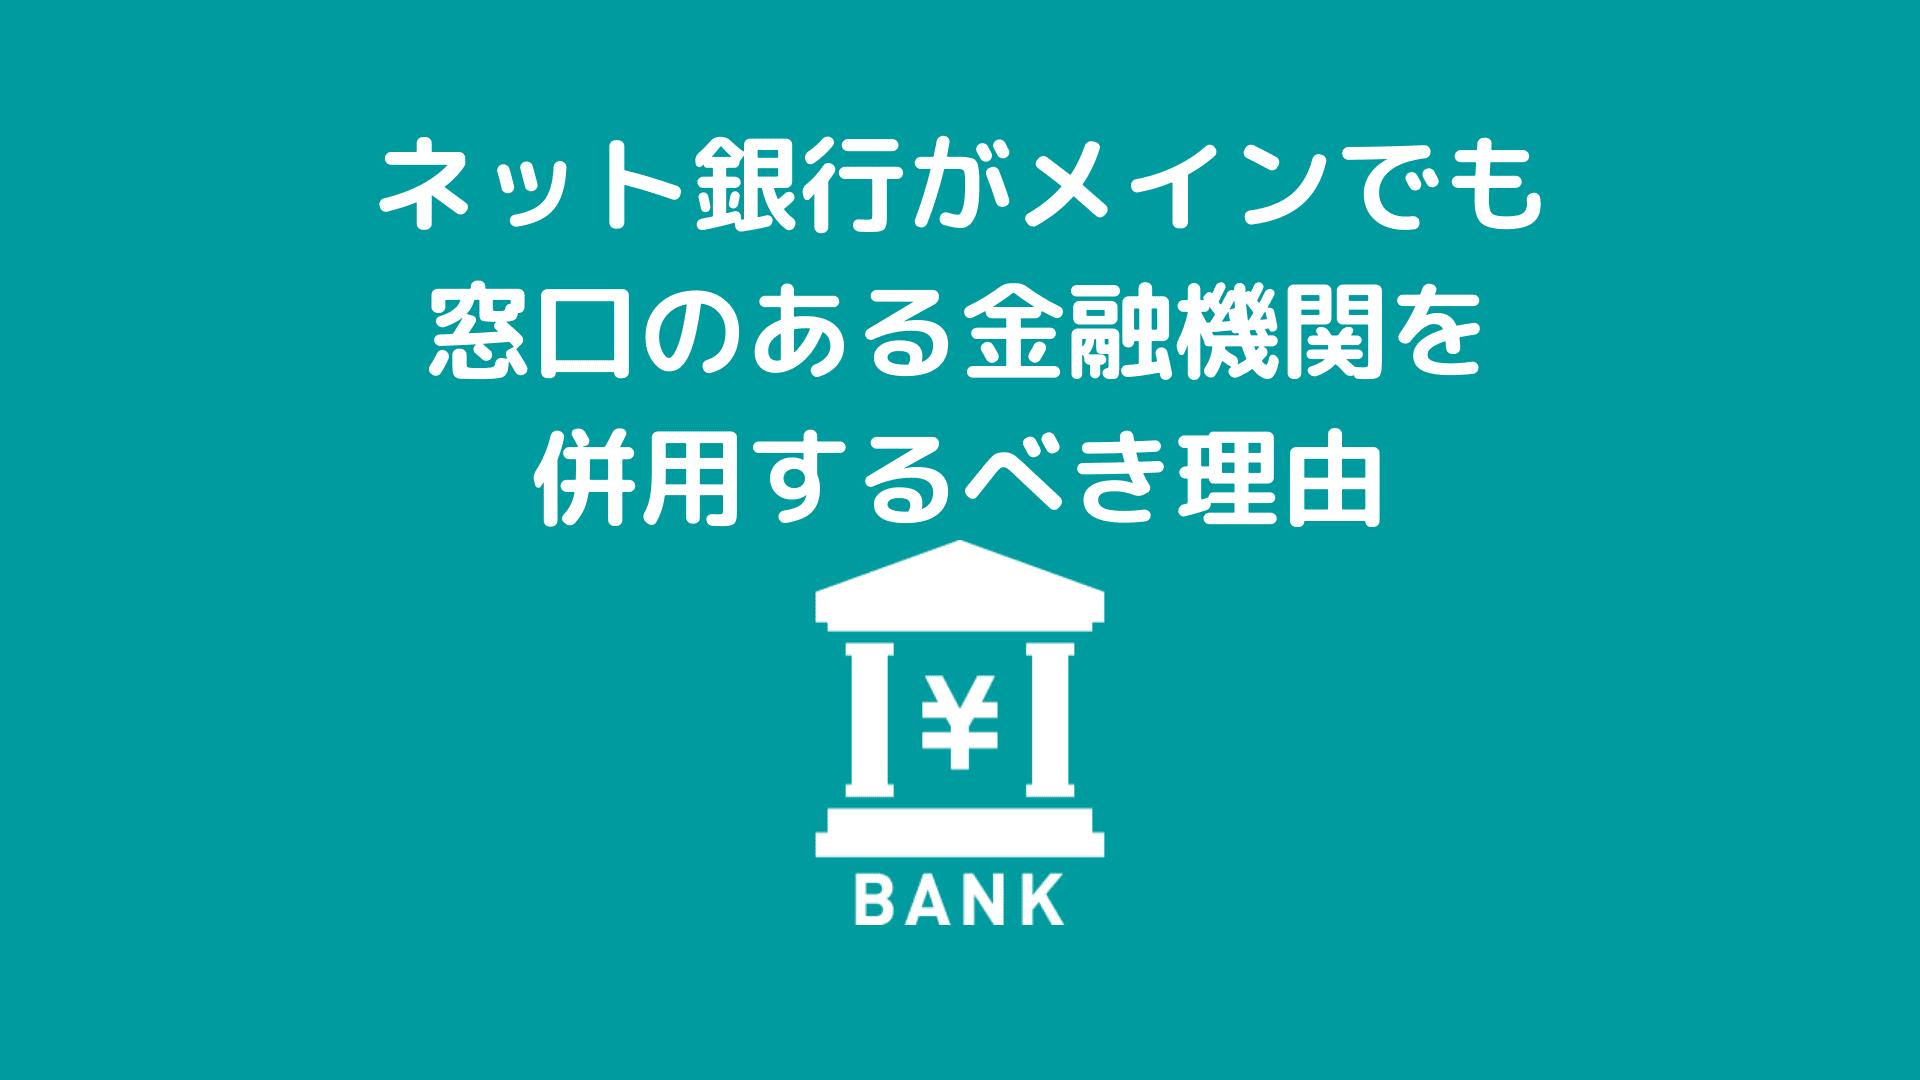 ネット銀行がメインでも窓口のある金融機関を併用するべき理由